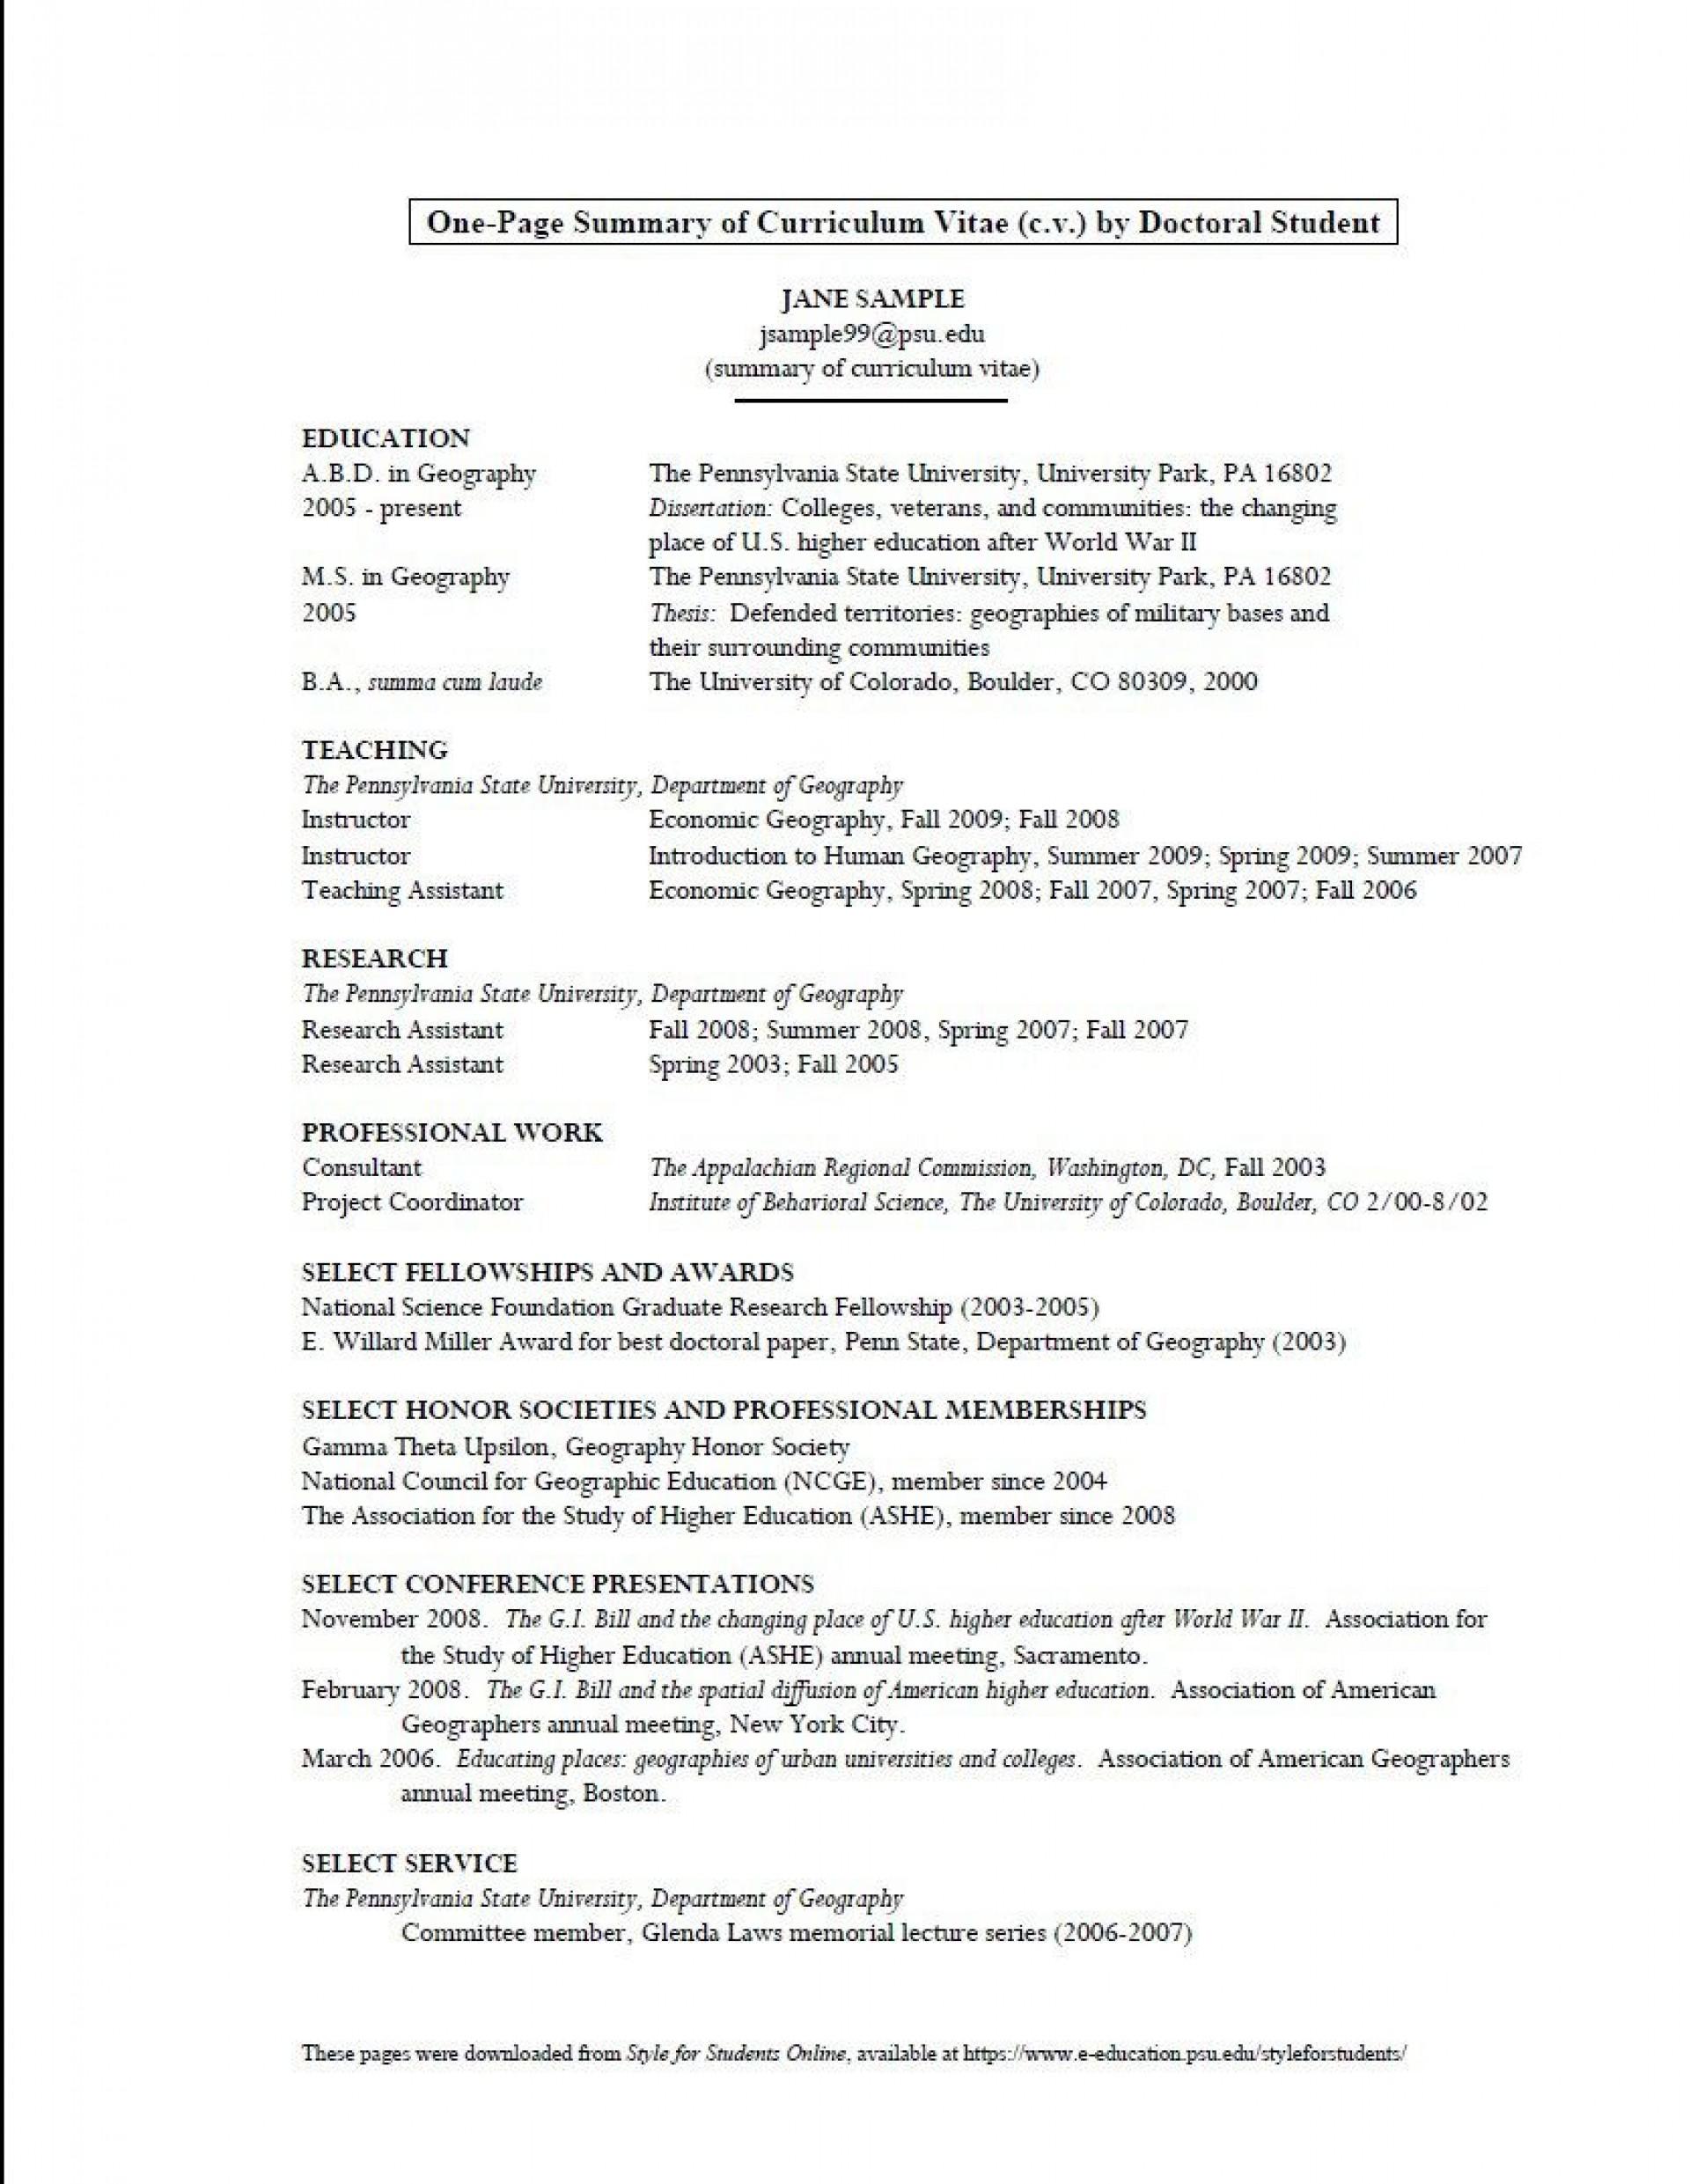 008 Unique Graduate School Curriculum Vitae Template Inspiration  For Application Resume Format1920